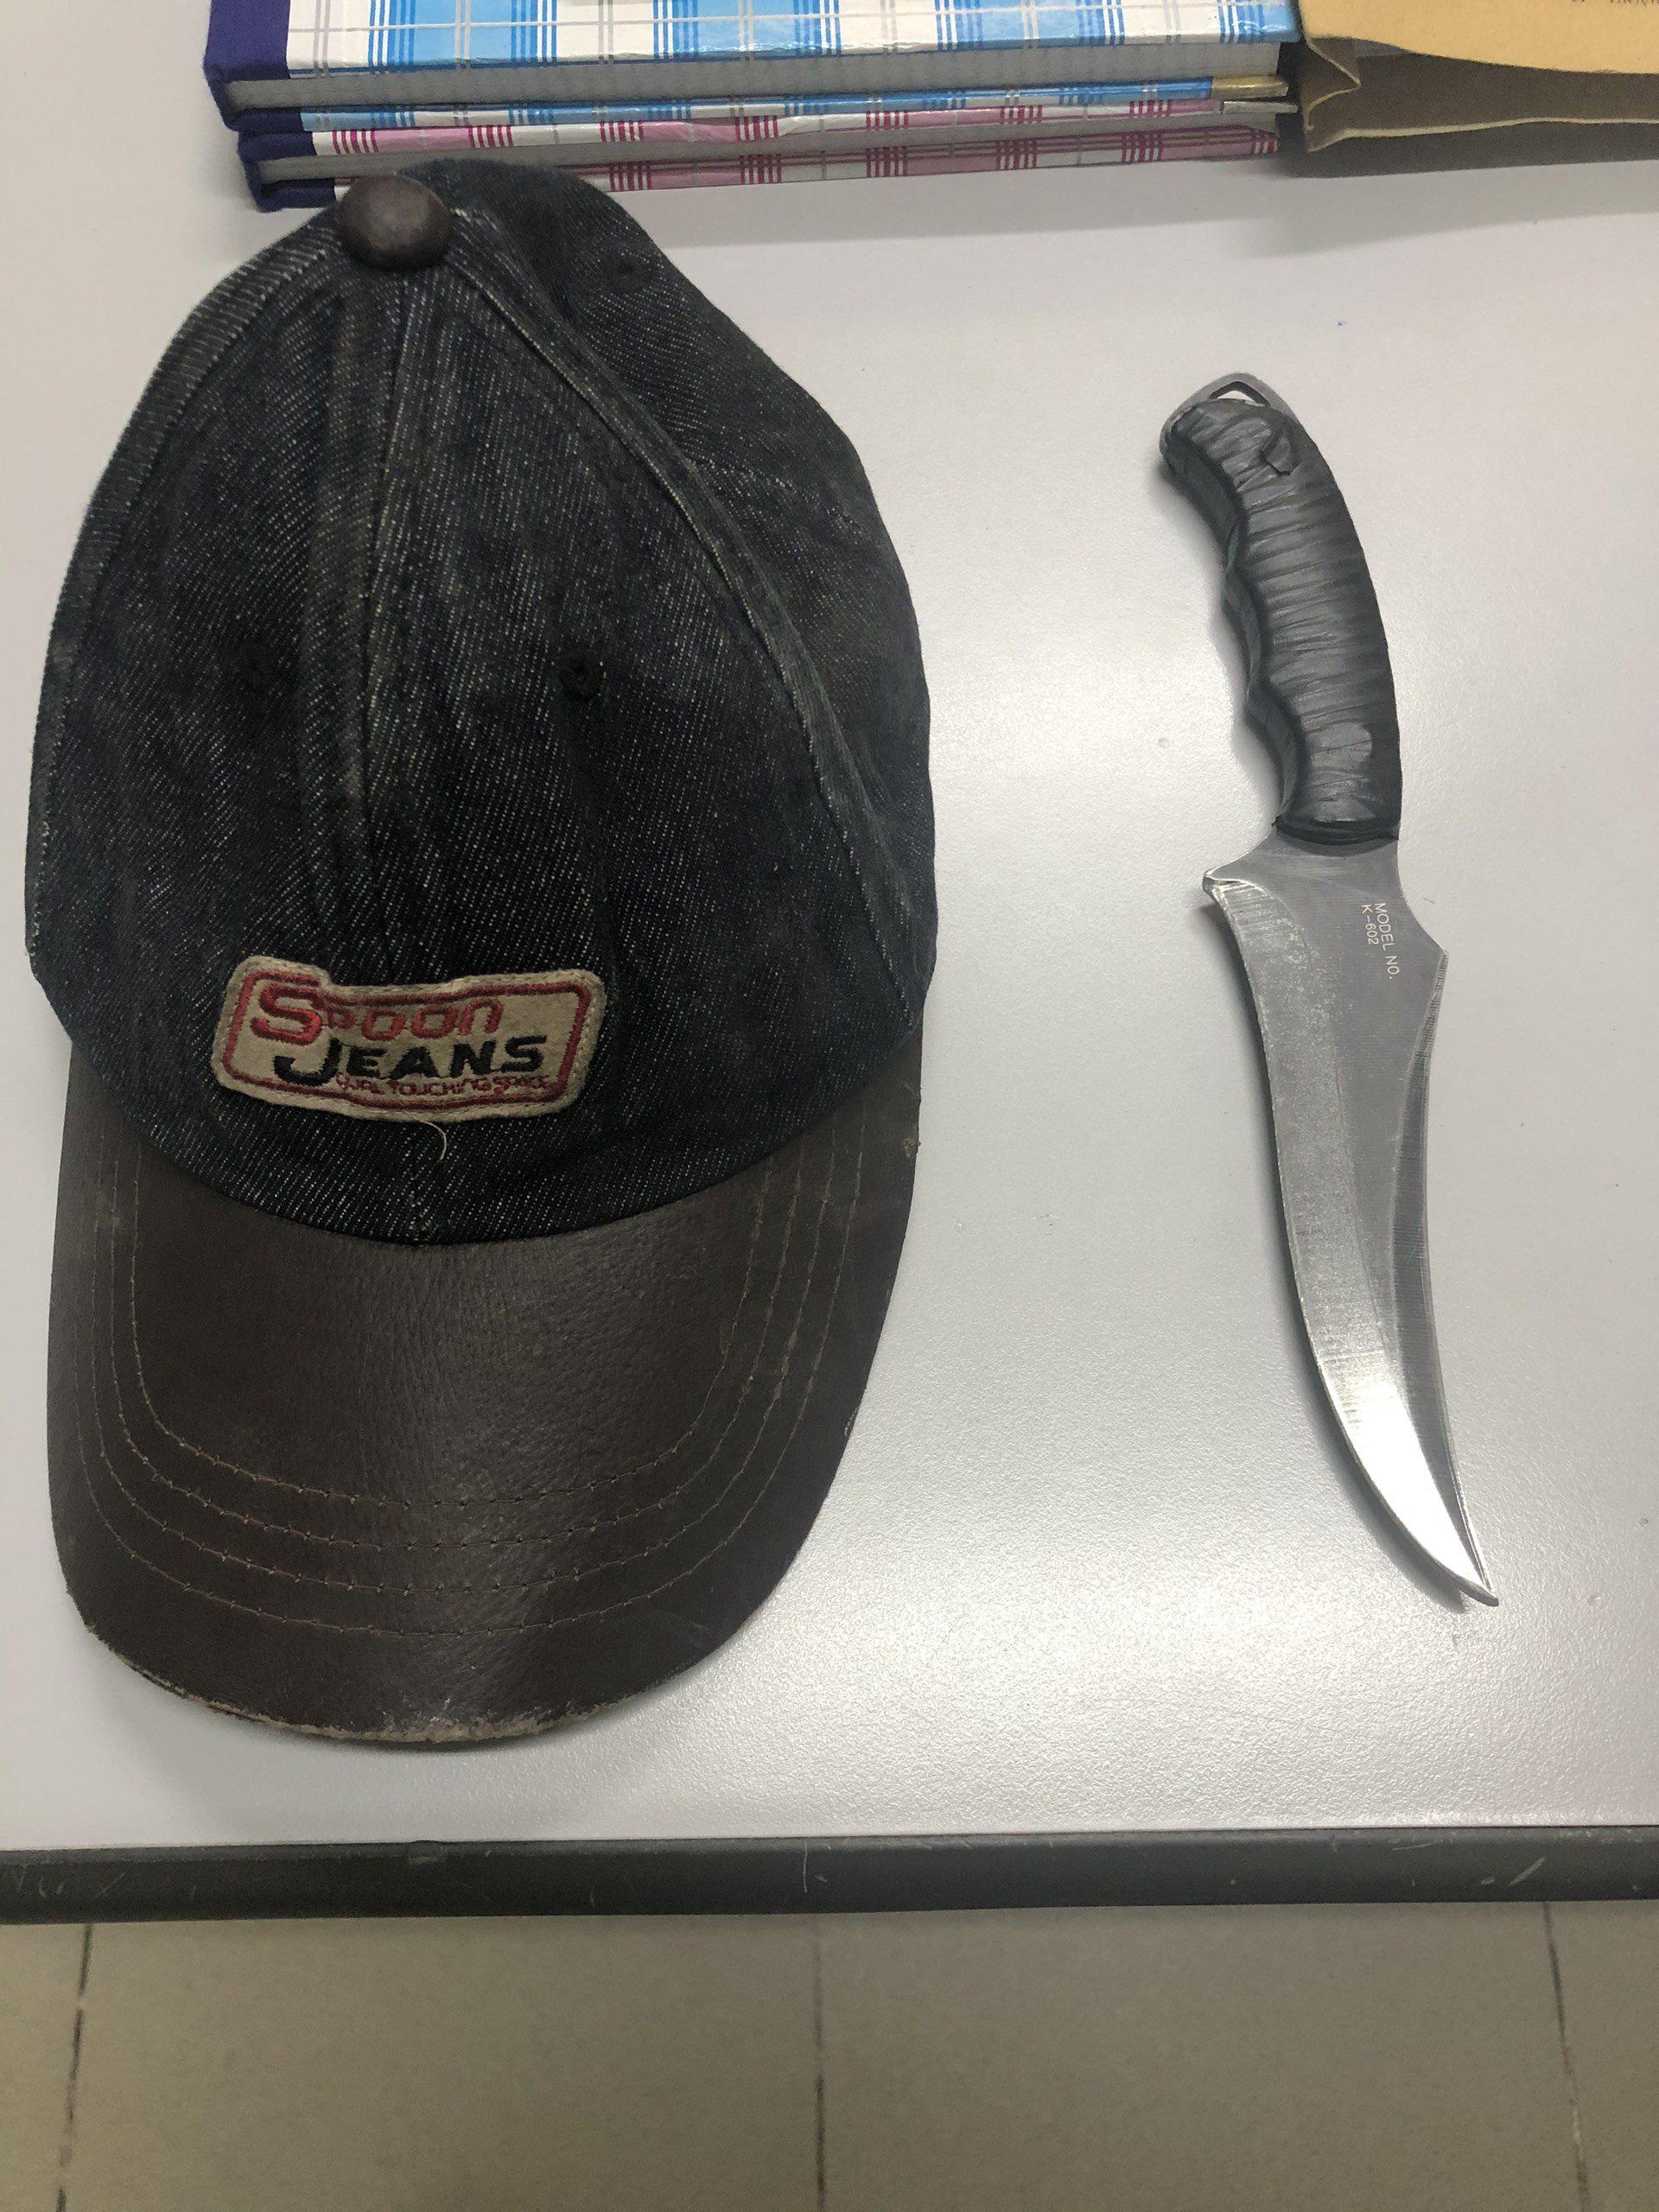 2 thanh niên tông vào xe máy 2 cô gái rồi kề dao, bóp cổ cướp tài sản ở Sài Gòn - Ảnh 4.